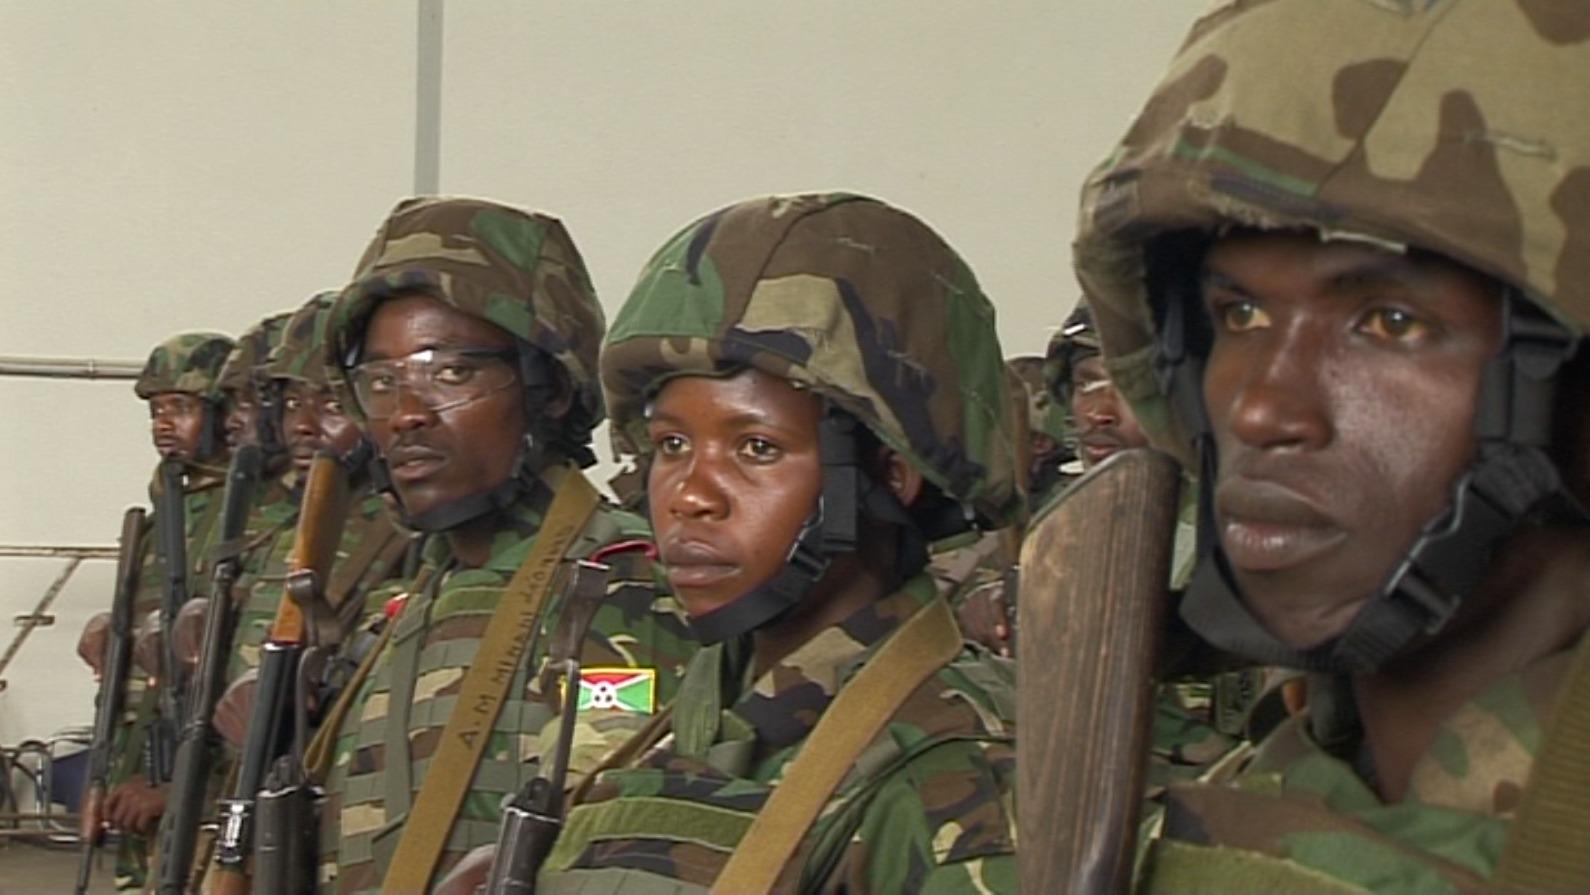 Photo : Des militaires burundais se préparent pour partir en Centrafrique, décembre 2013 © Jean Pierre Aimé Harerimana.